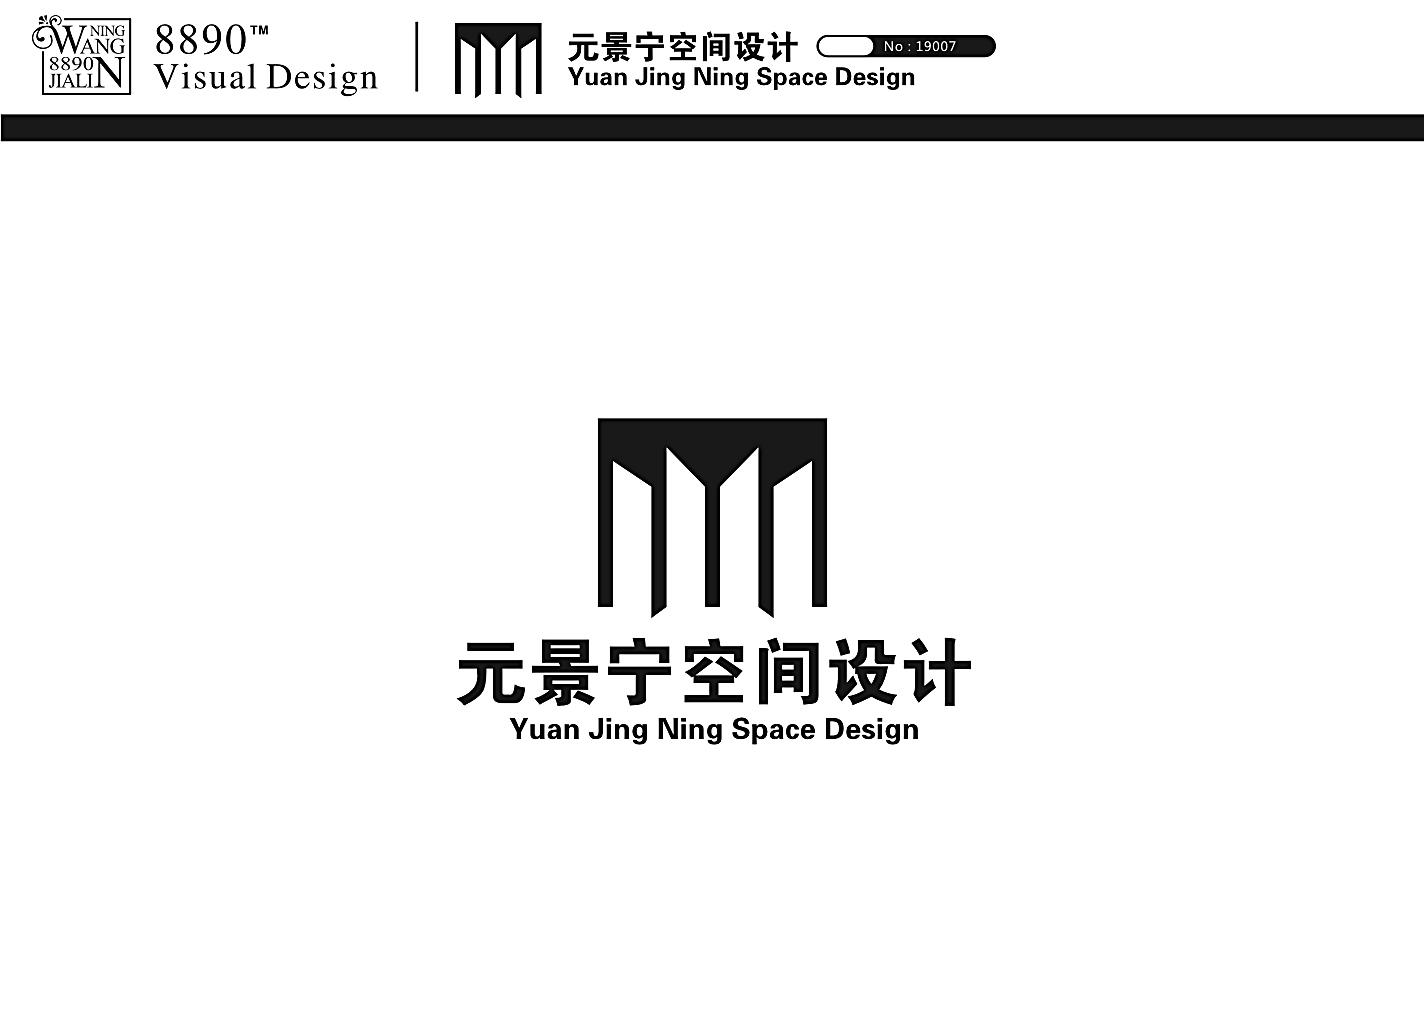 室内装饰设计公司LOGO设计_图形与LOGO设计_猪八戒网国际站Witmart.com